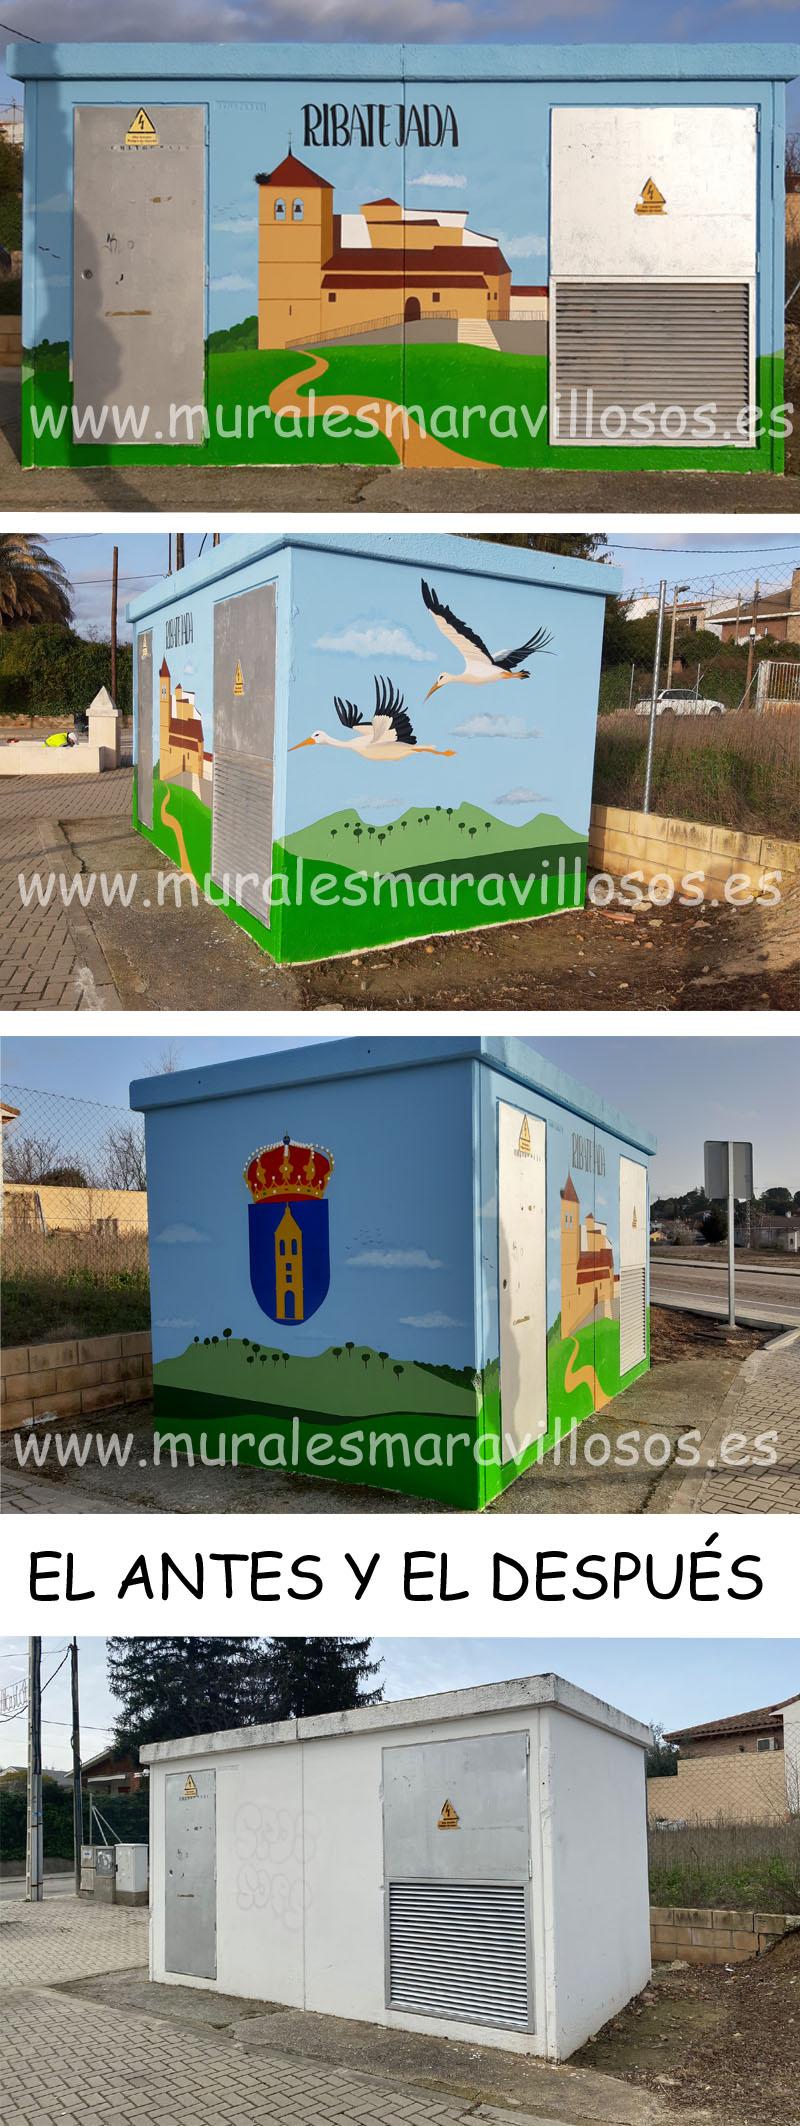 casetas pintadas en pueblos